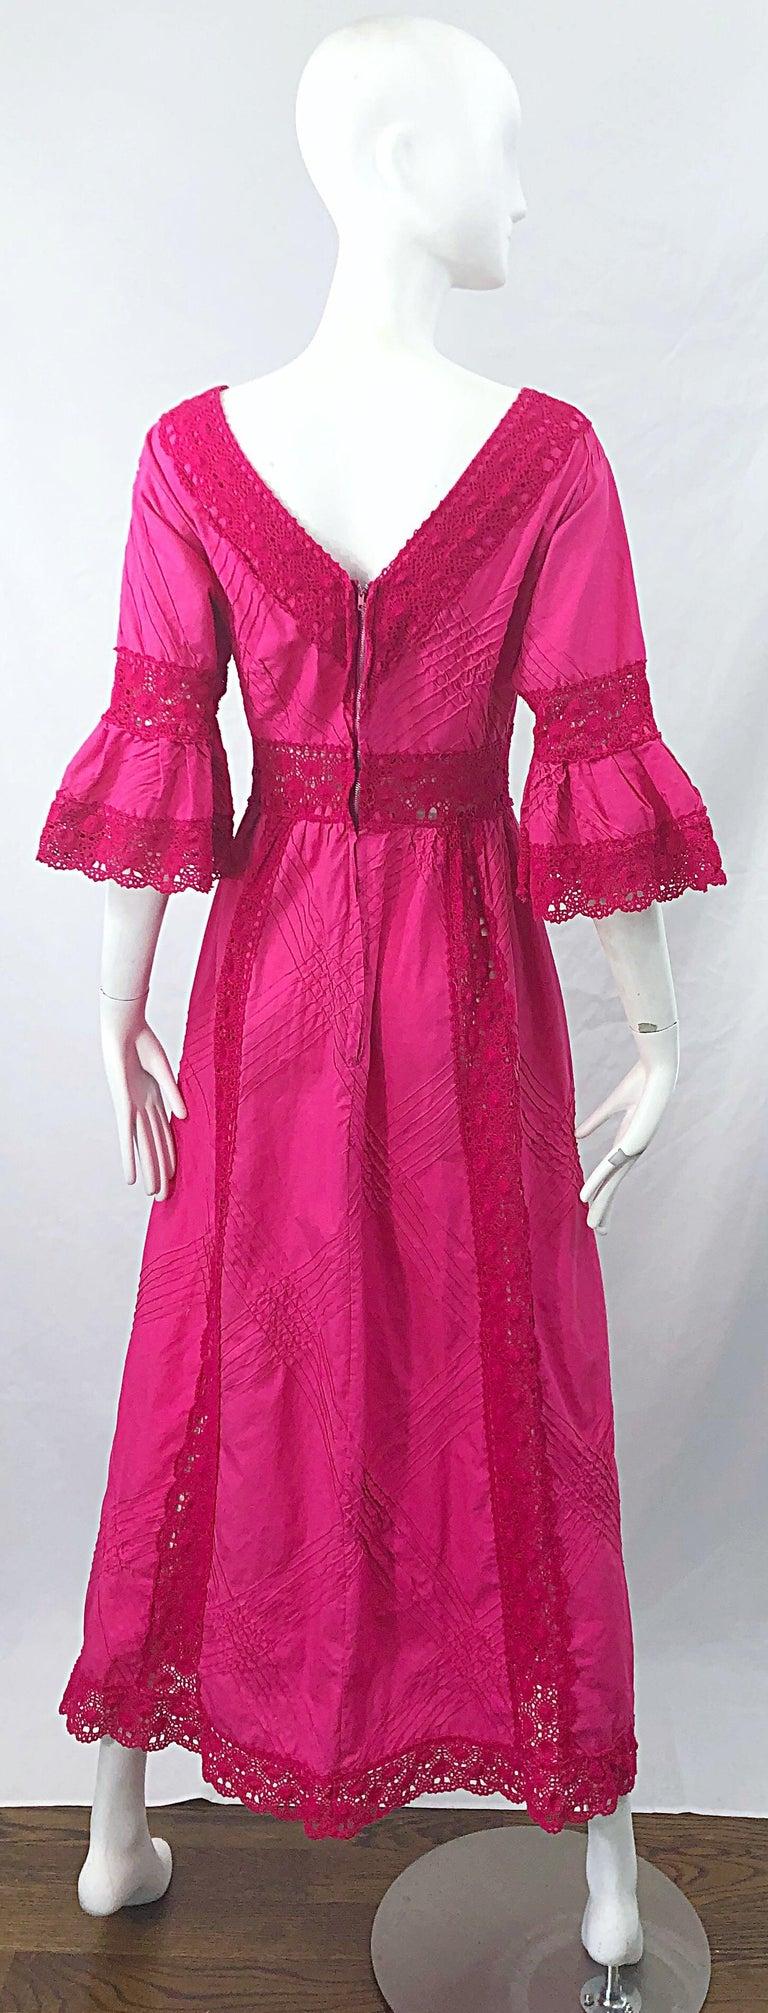 1970s Tachi Castillo Hot Pink Mexican Crochet Vintage Cotton 70s Maxi Dress For Sale 8